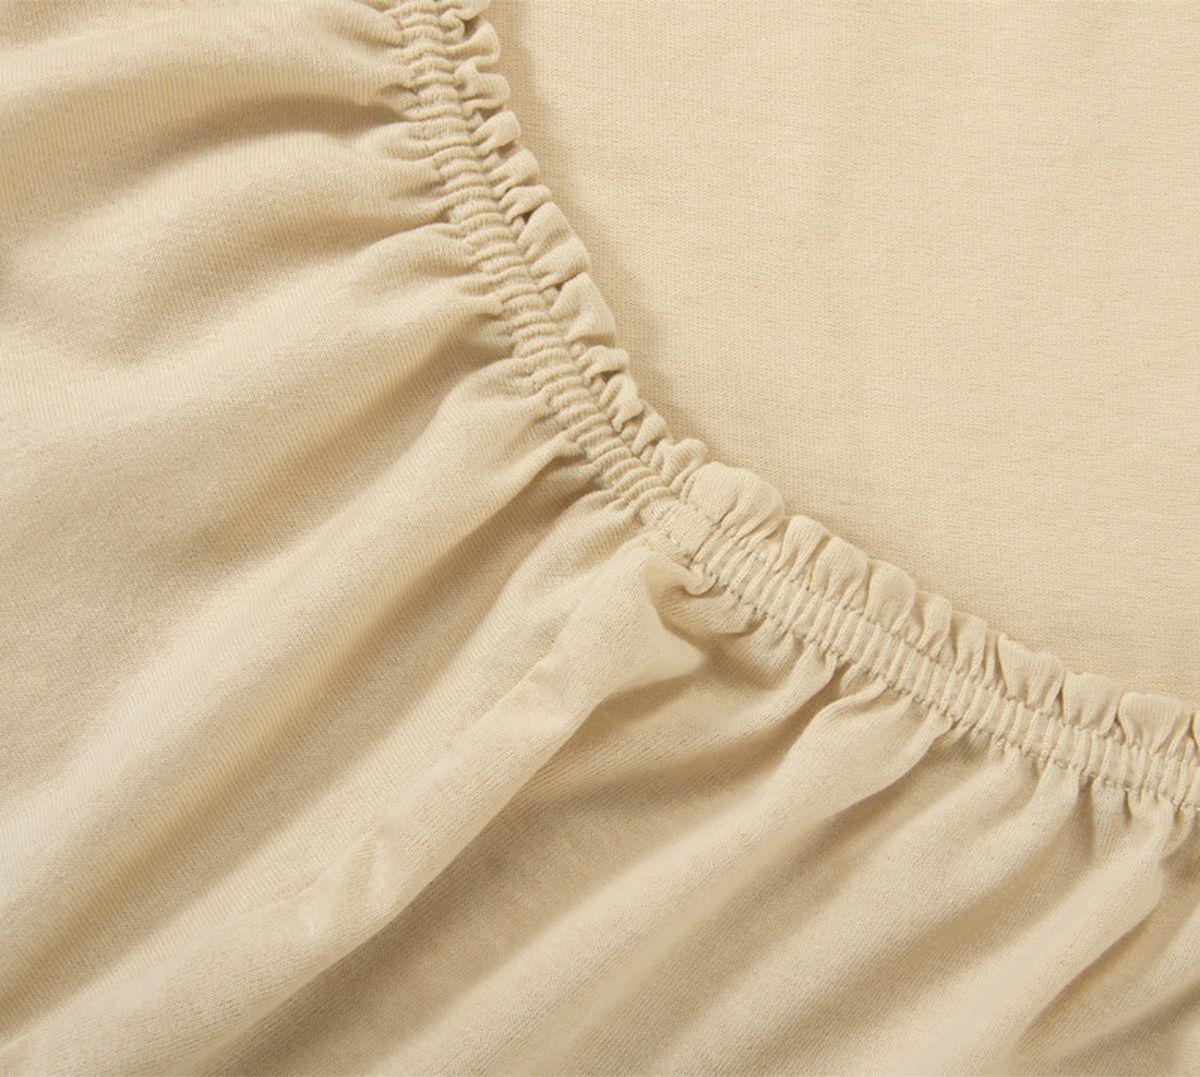 Простыня на резинке Текс-Дизайн, цвет: бежевый, 180 х 200 х 20 смР014ТПростыня Текс-Дизайн изготовлена из трикотажа высокого качества, состоящего на 100% из хлопка. По всему периметру простыня снабжена резинкой, что обеспечивает комфортный отдых, и избавляет от неприятных ощущений скомкавшейся во время сна изделия. Простыня легко одевается на матрасы высотой до 20 см. Идеально подходит в качестве наматрасника.Трикотаж эластичен и растяжим, практически не мнется и не теряет форму после стирки. И кроме того он очень красиво выглядит и приятен на ощупь.